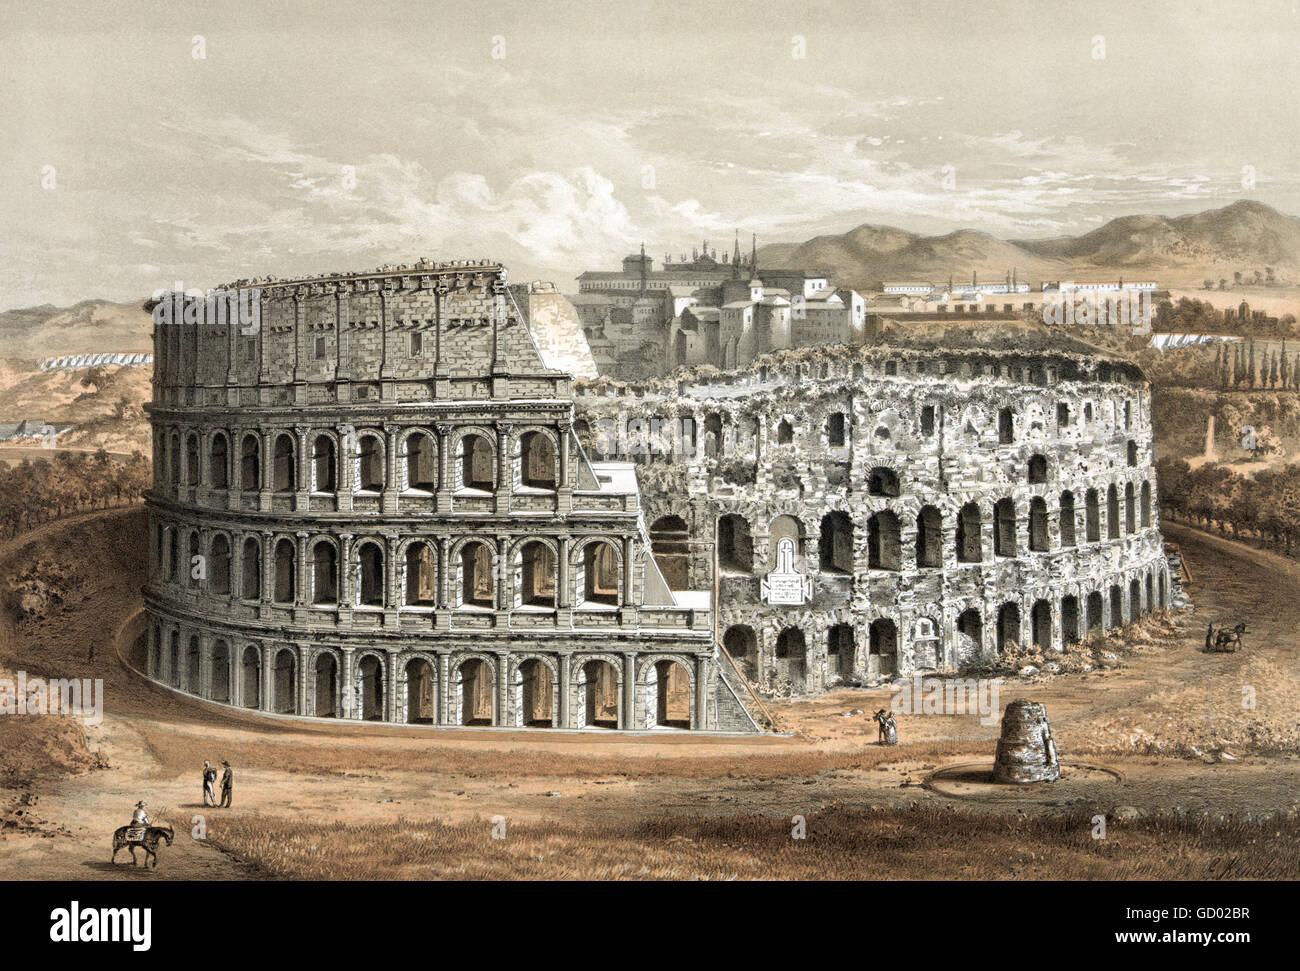 """Colossseum im Rome.19th Jahrhundert Darstellung, die """"ursprüngliche Struktur und verschlechtertem Zustand"""". Lithographie Stockfoto"""